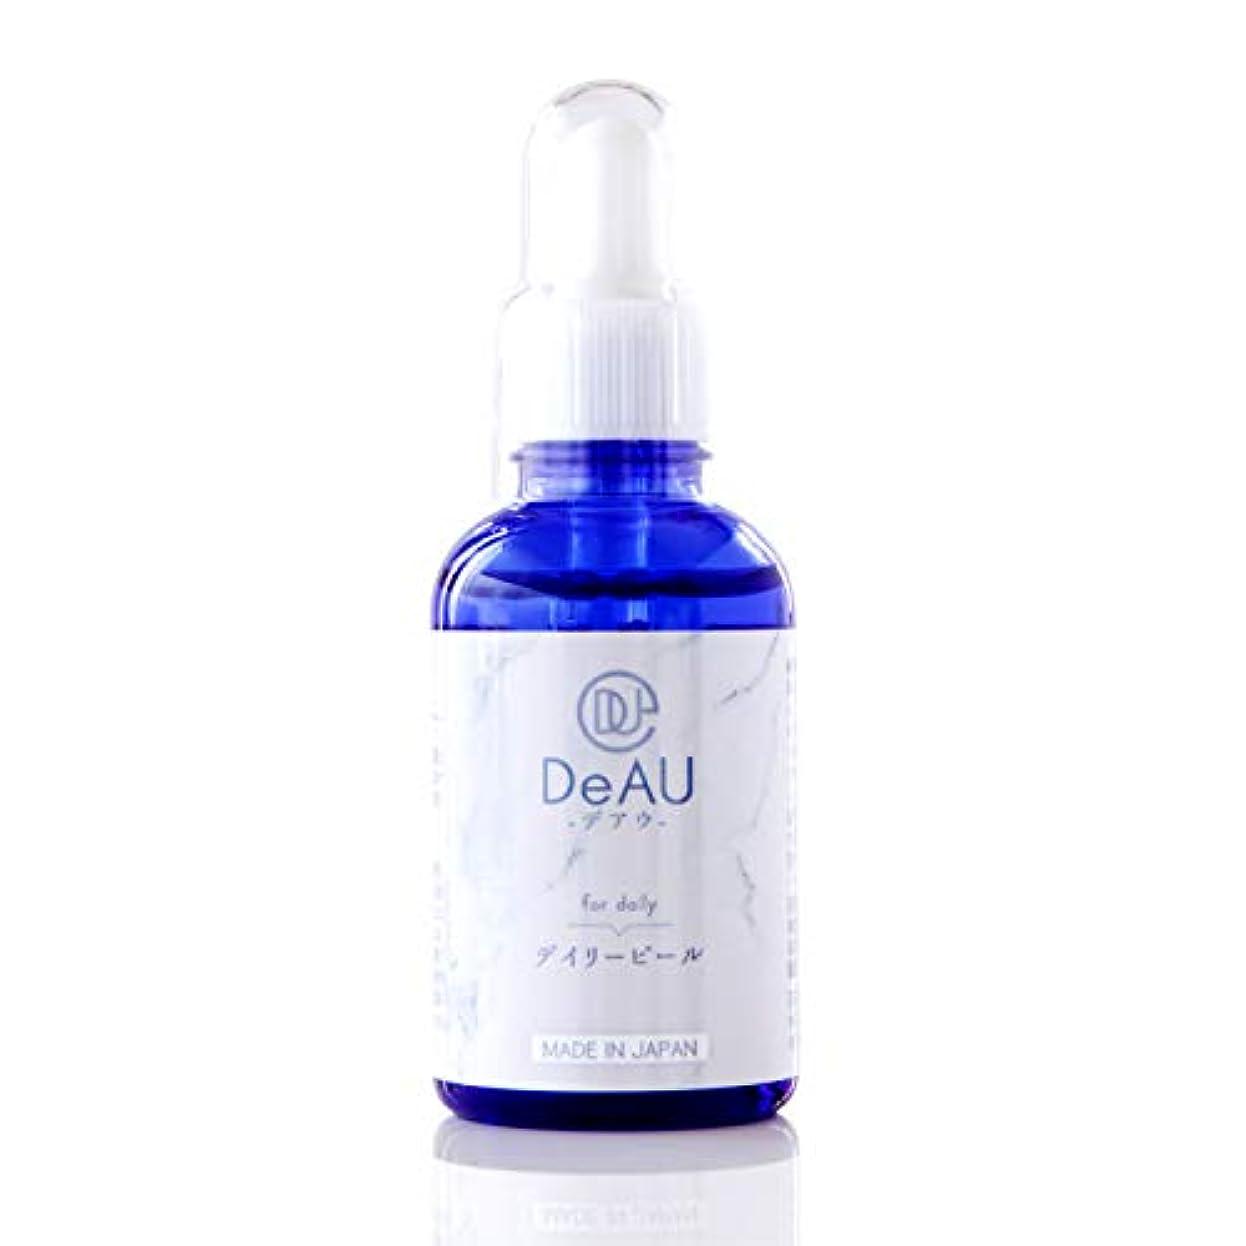 キリスト教ブラシ基礎DeAU デアウ デイリーピール 角質柔軟美容液 50ml